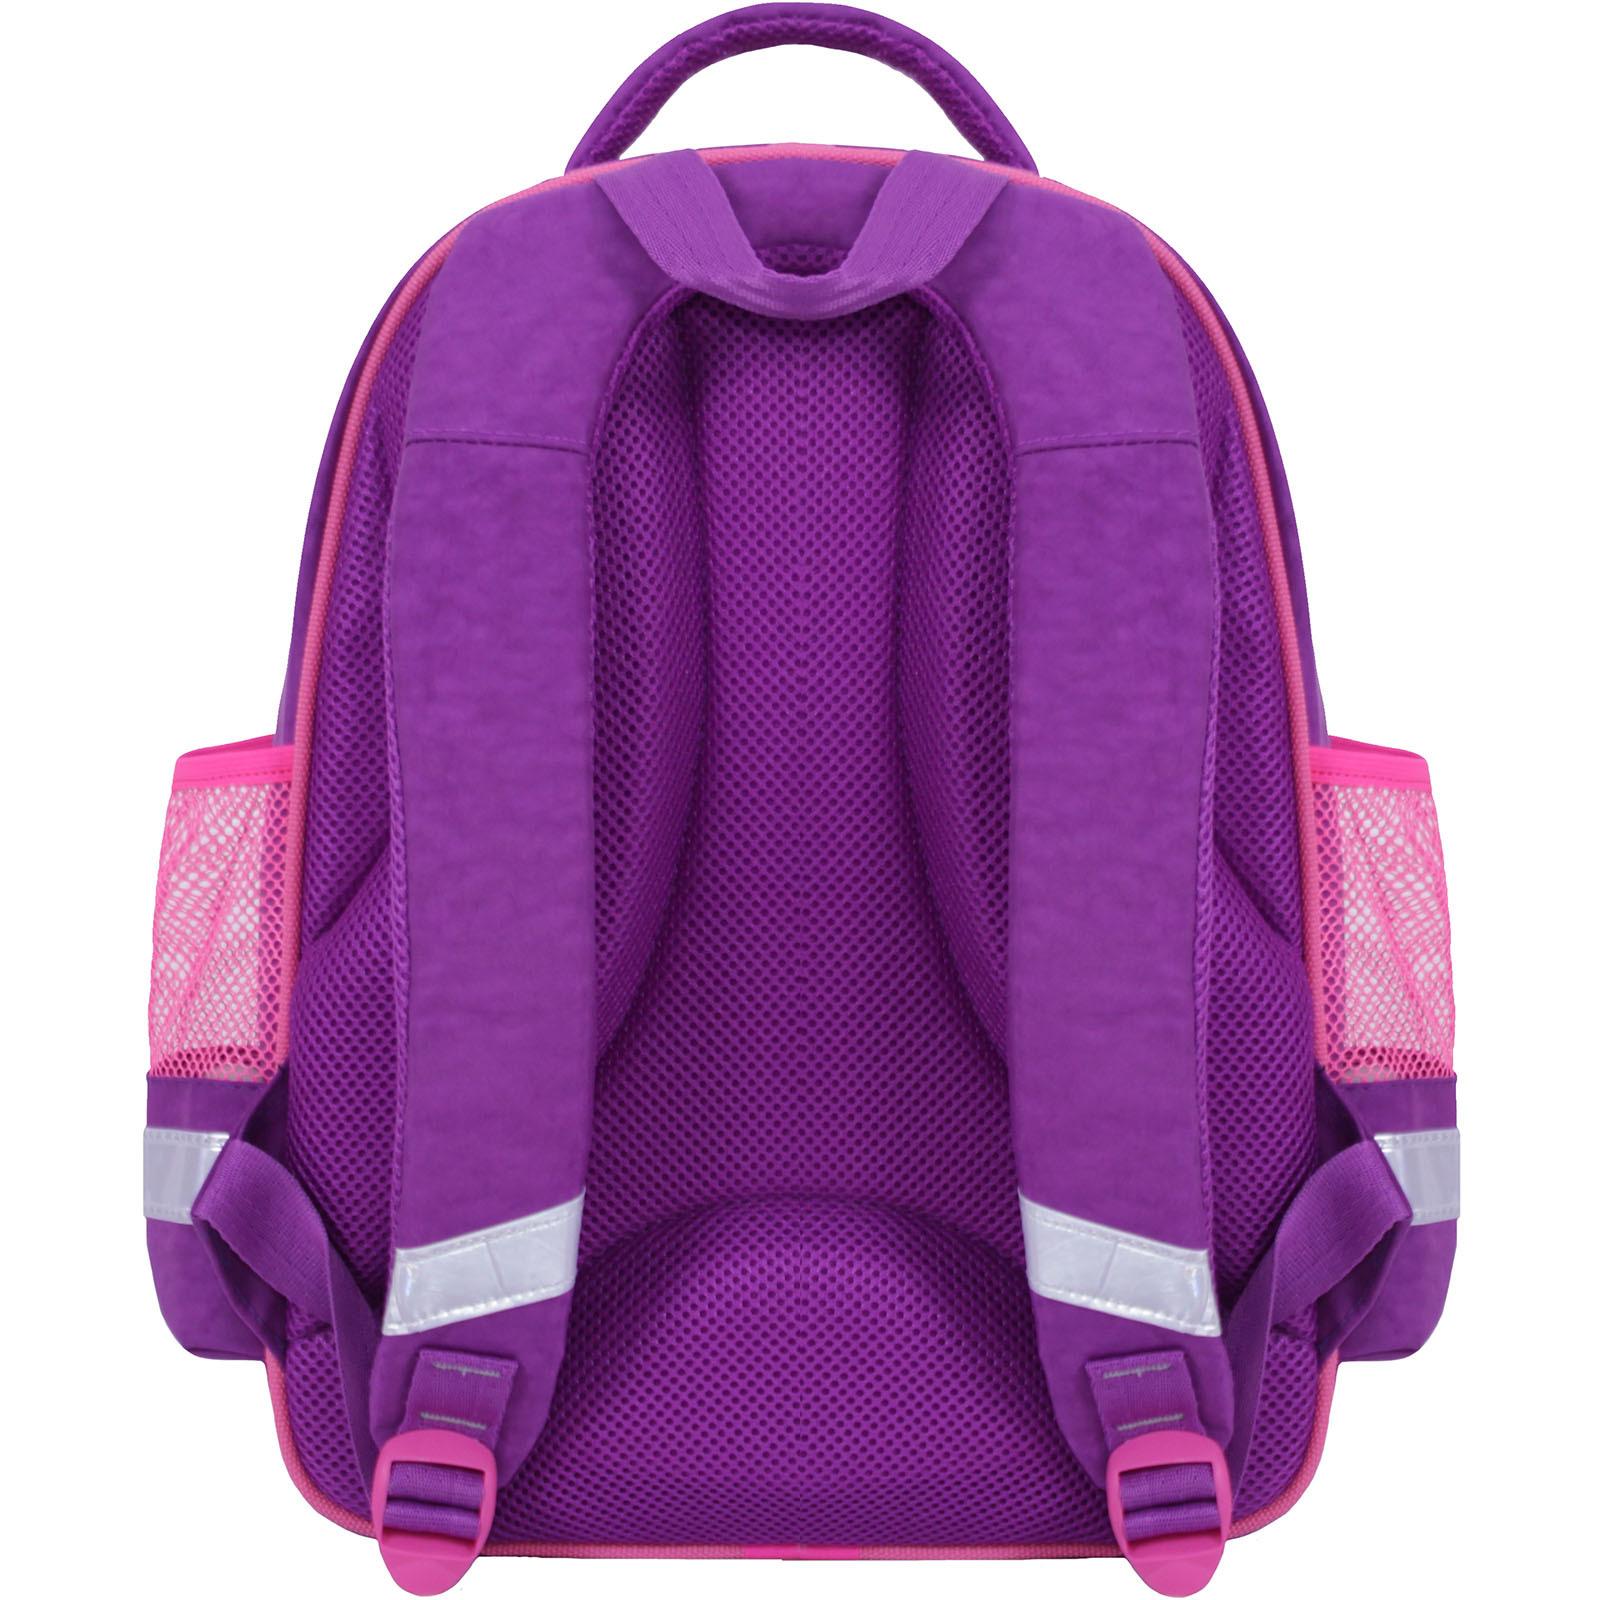 Рюкзак школьный Bagland Mouse 339 фиолетовый 409 (0051370) фото 3